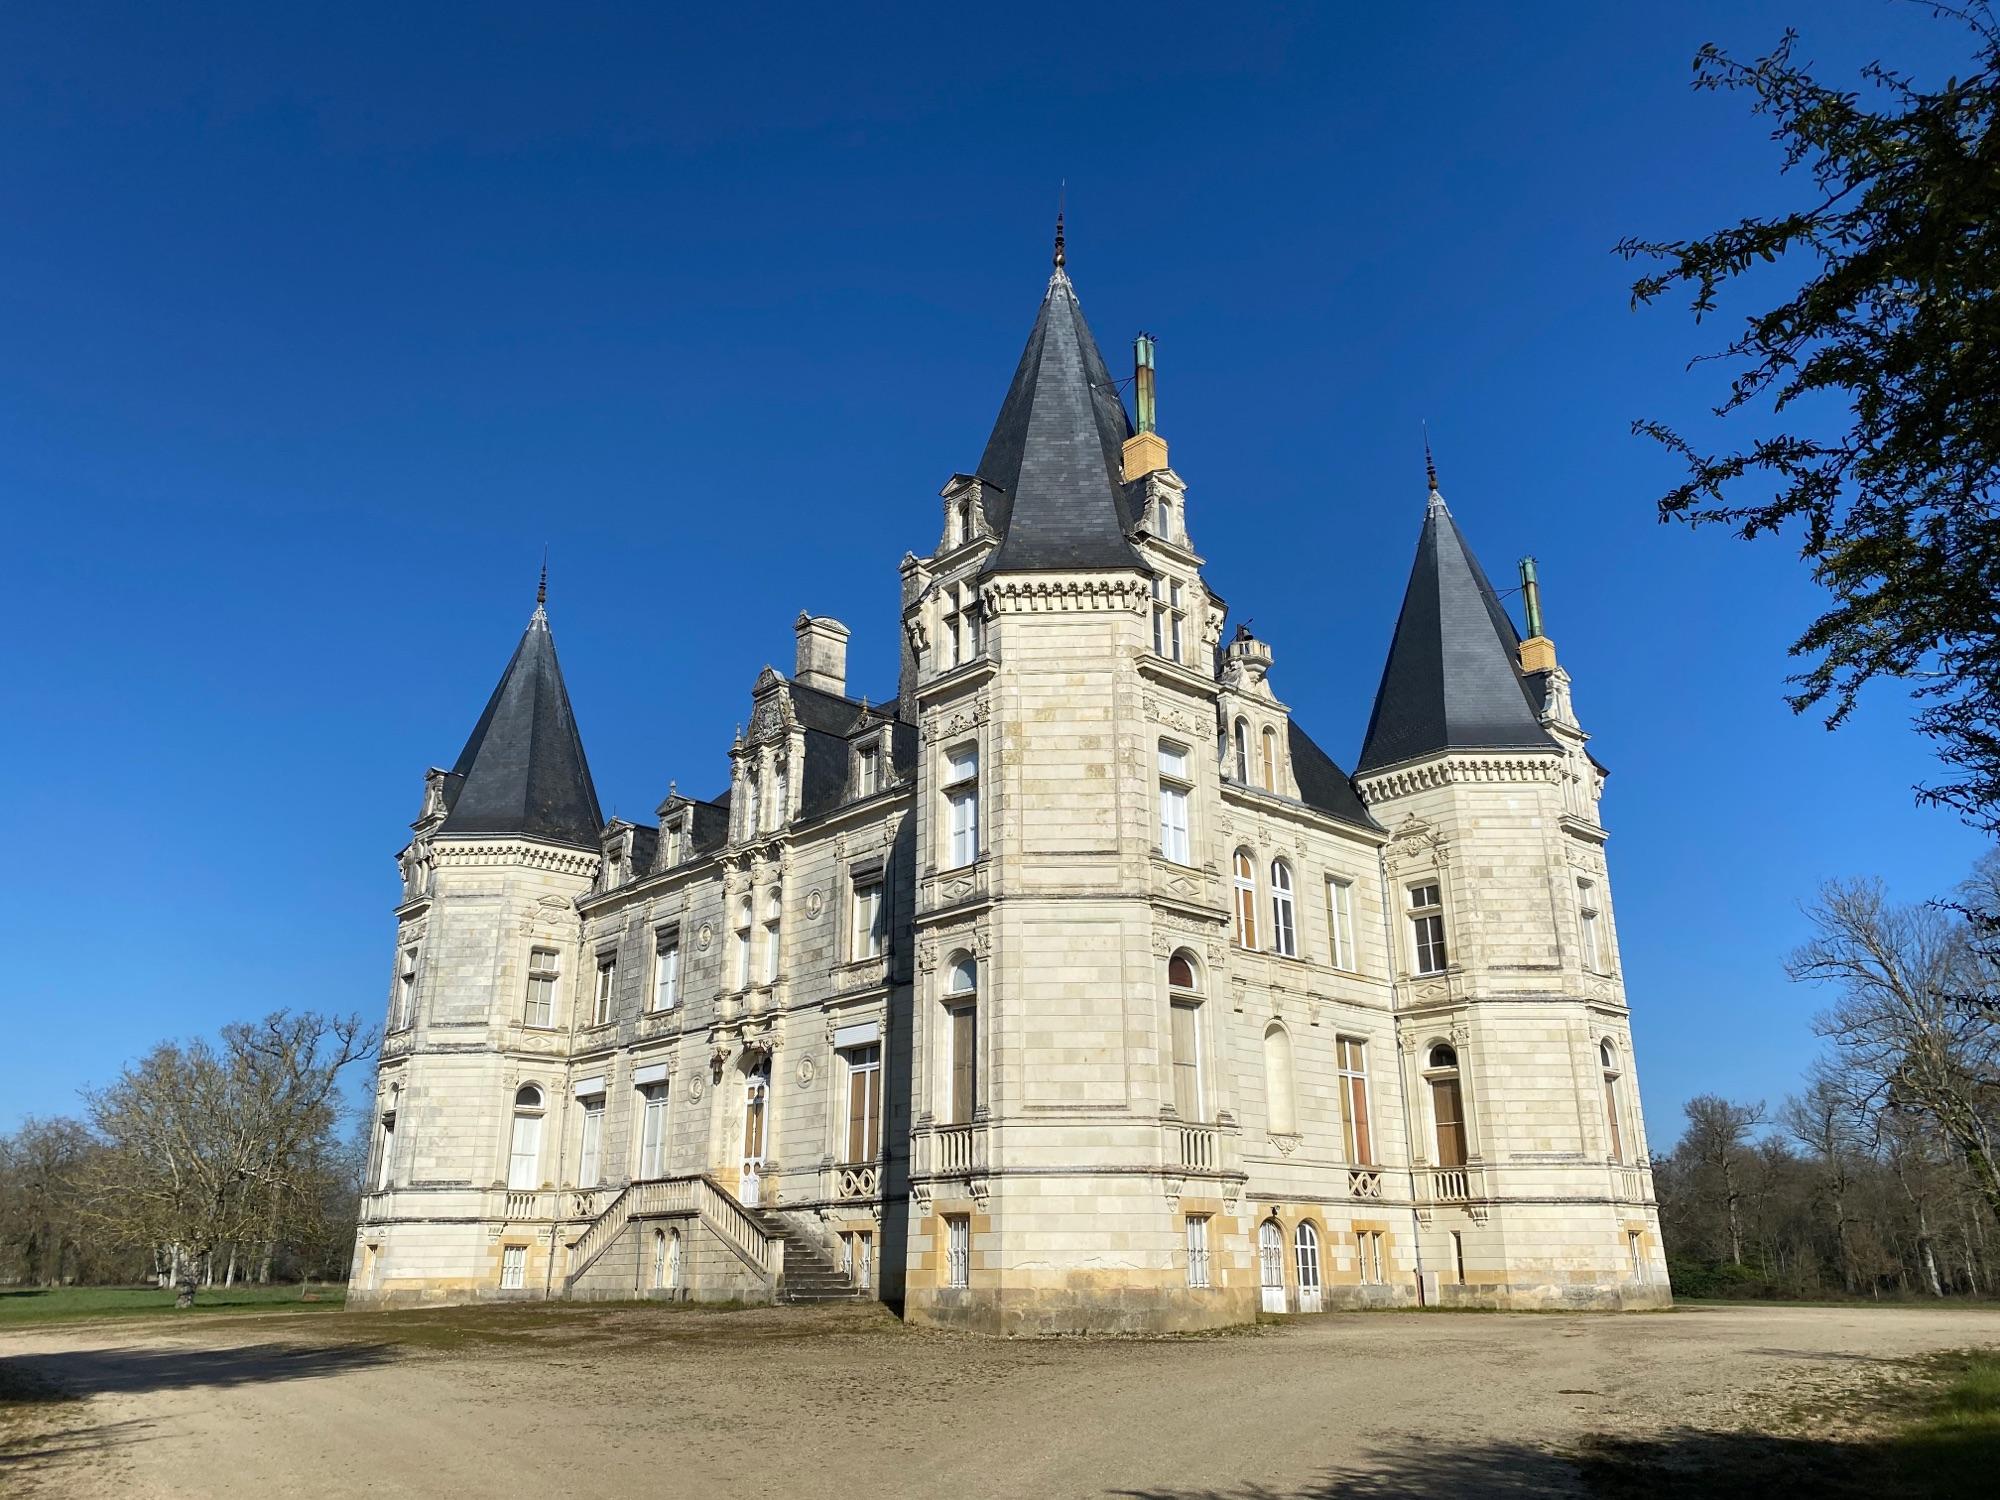 Шато de Rouvoltz. Парк открыт, шато закрыто. Прекрасная лестница, солнце, конюшня 15 века. В конюшне стоит джип. И никого.